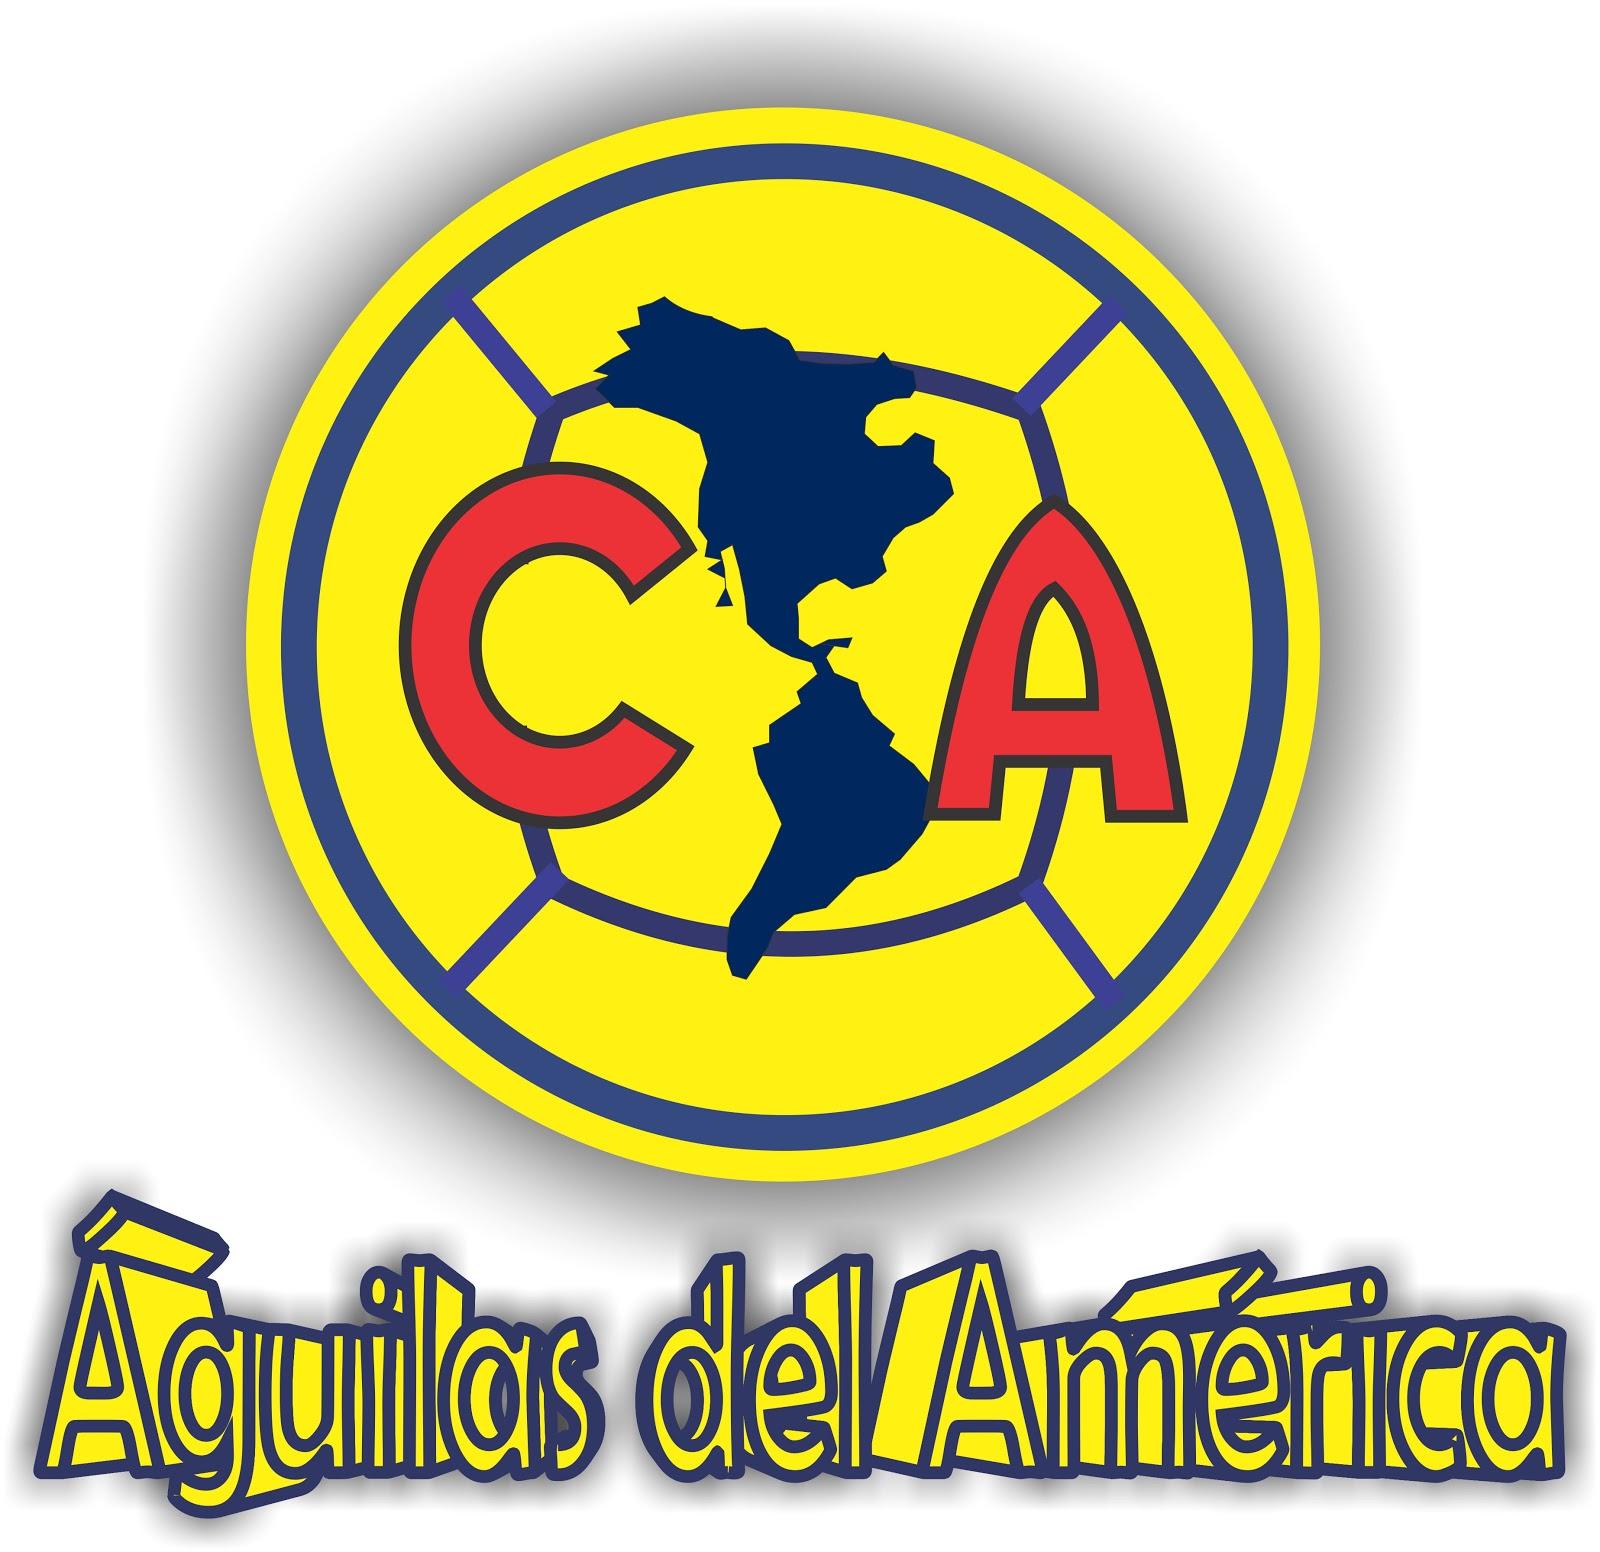 logotipos de las aguilas del america imagui